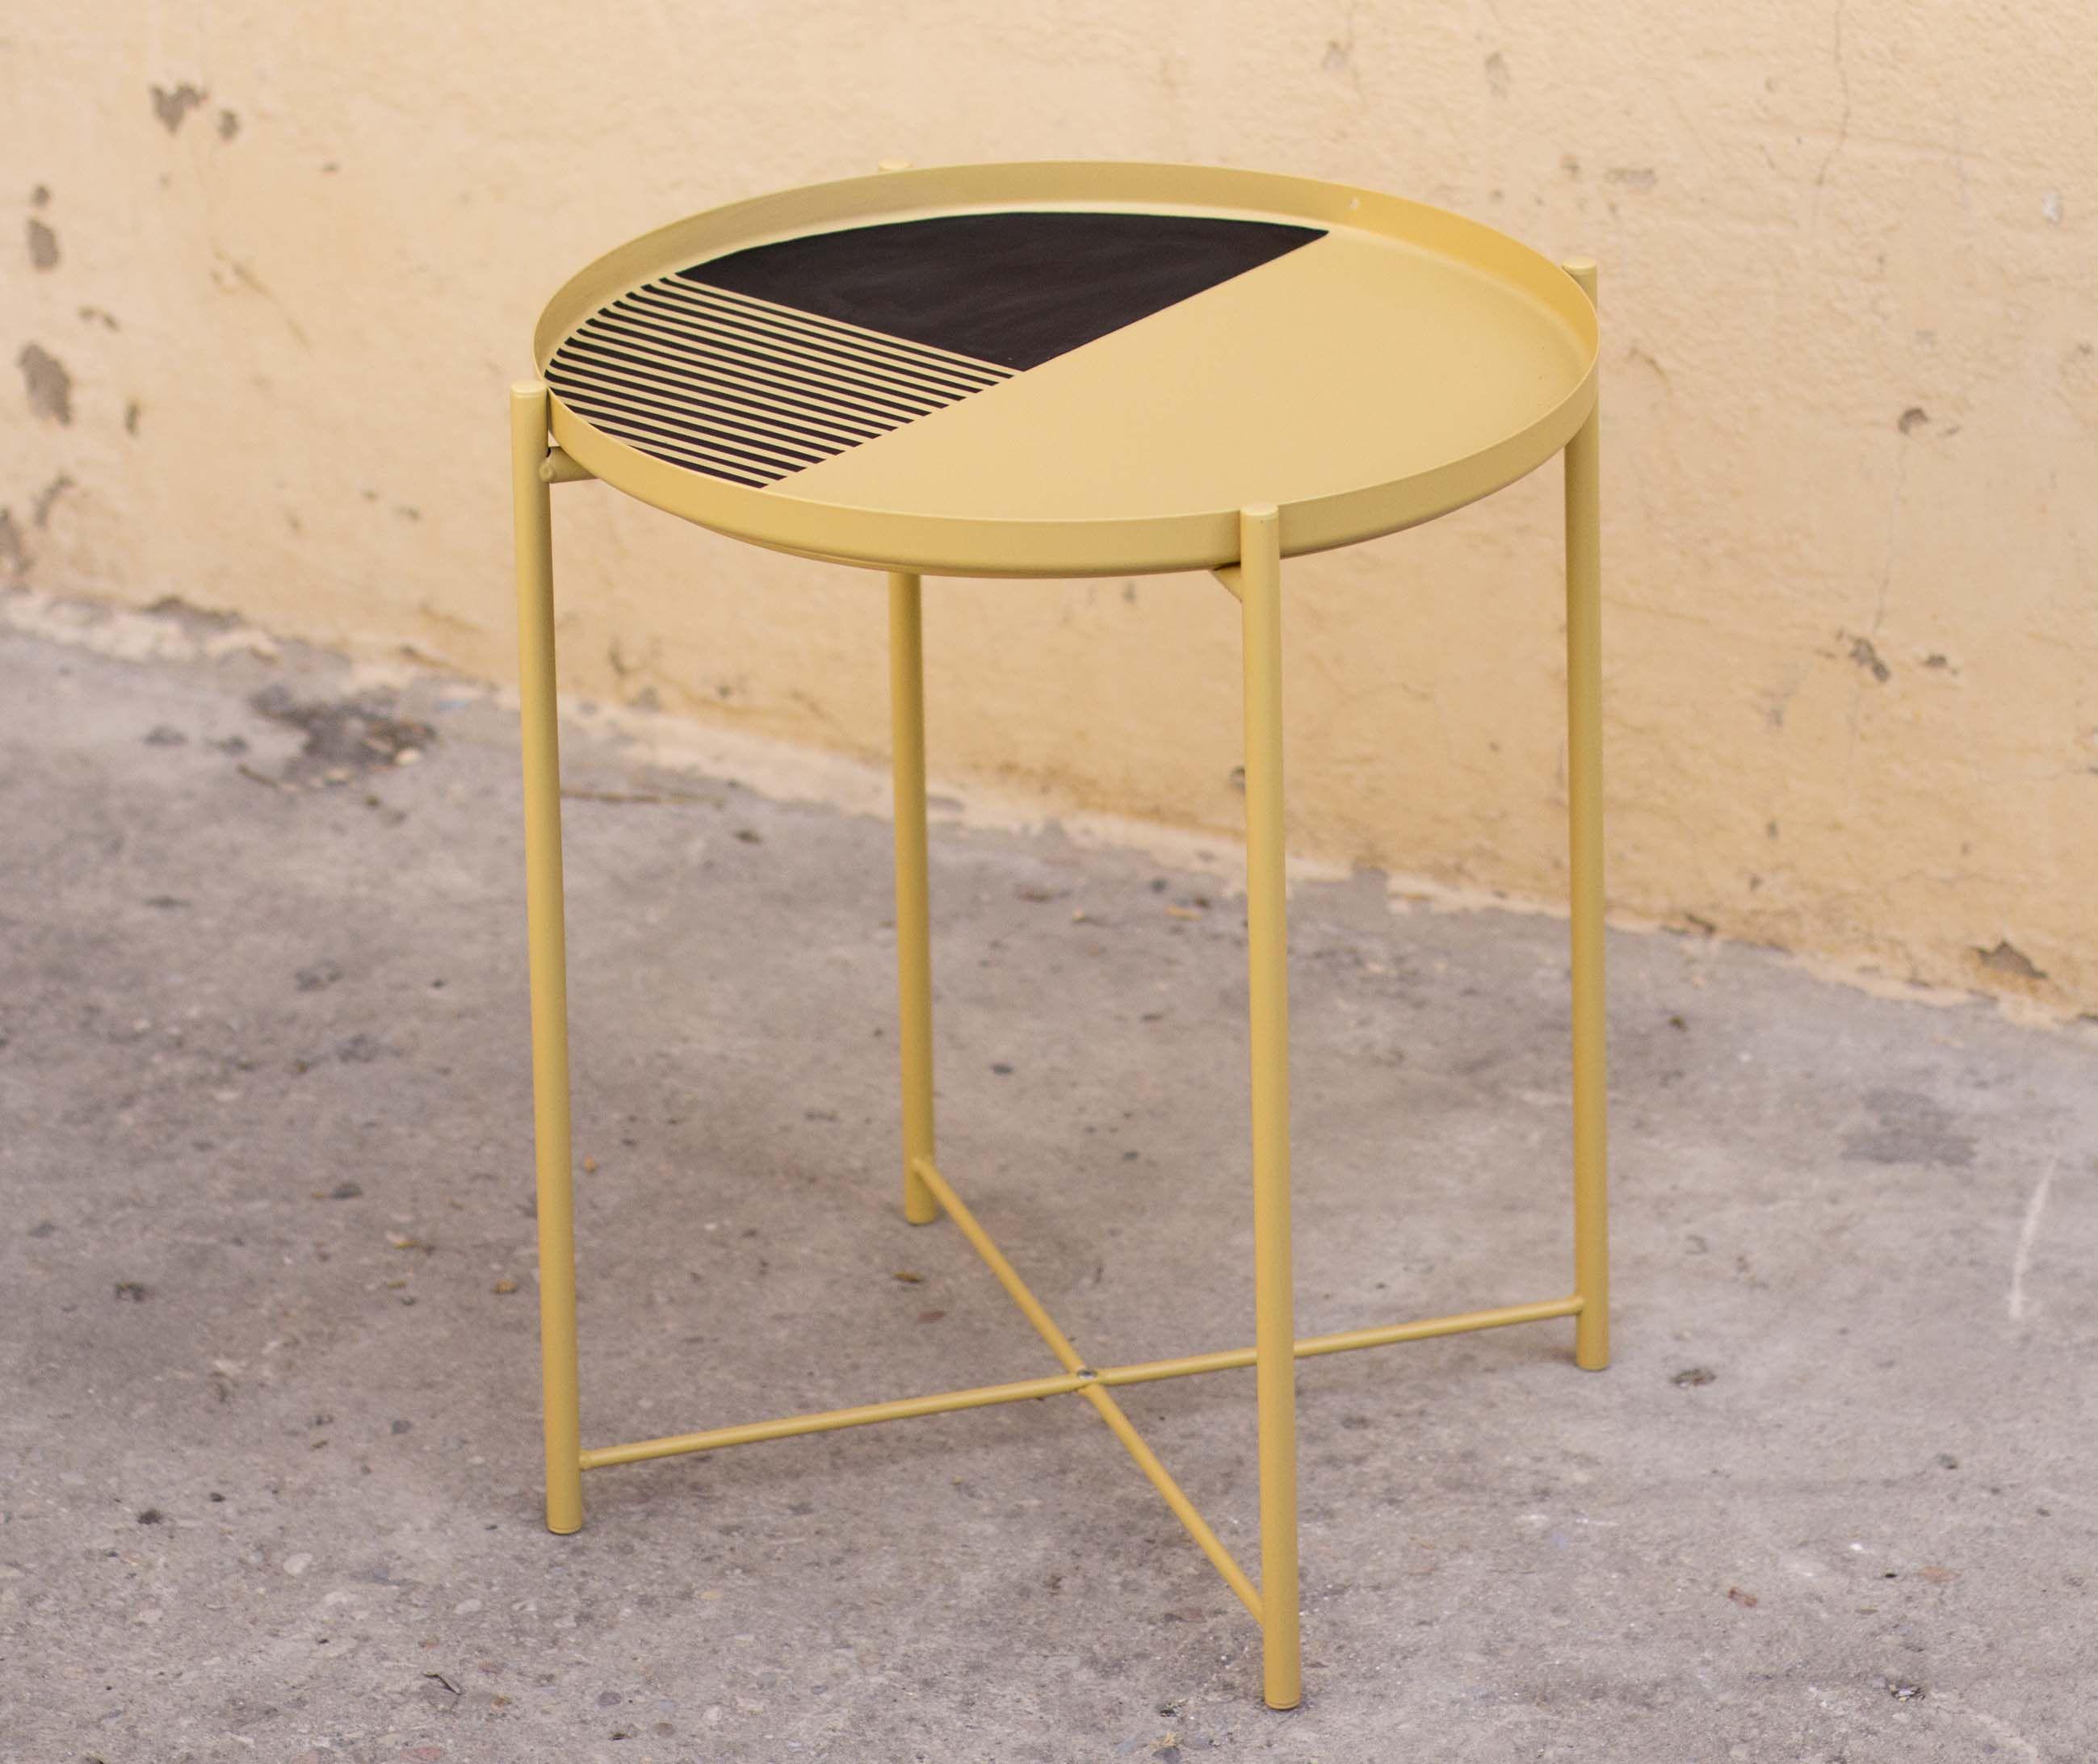 Y Este Es El Resultado De Nuestra Mesita Customizada Y  # Customizar Muebles